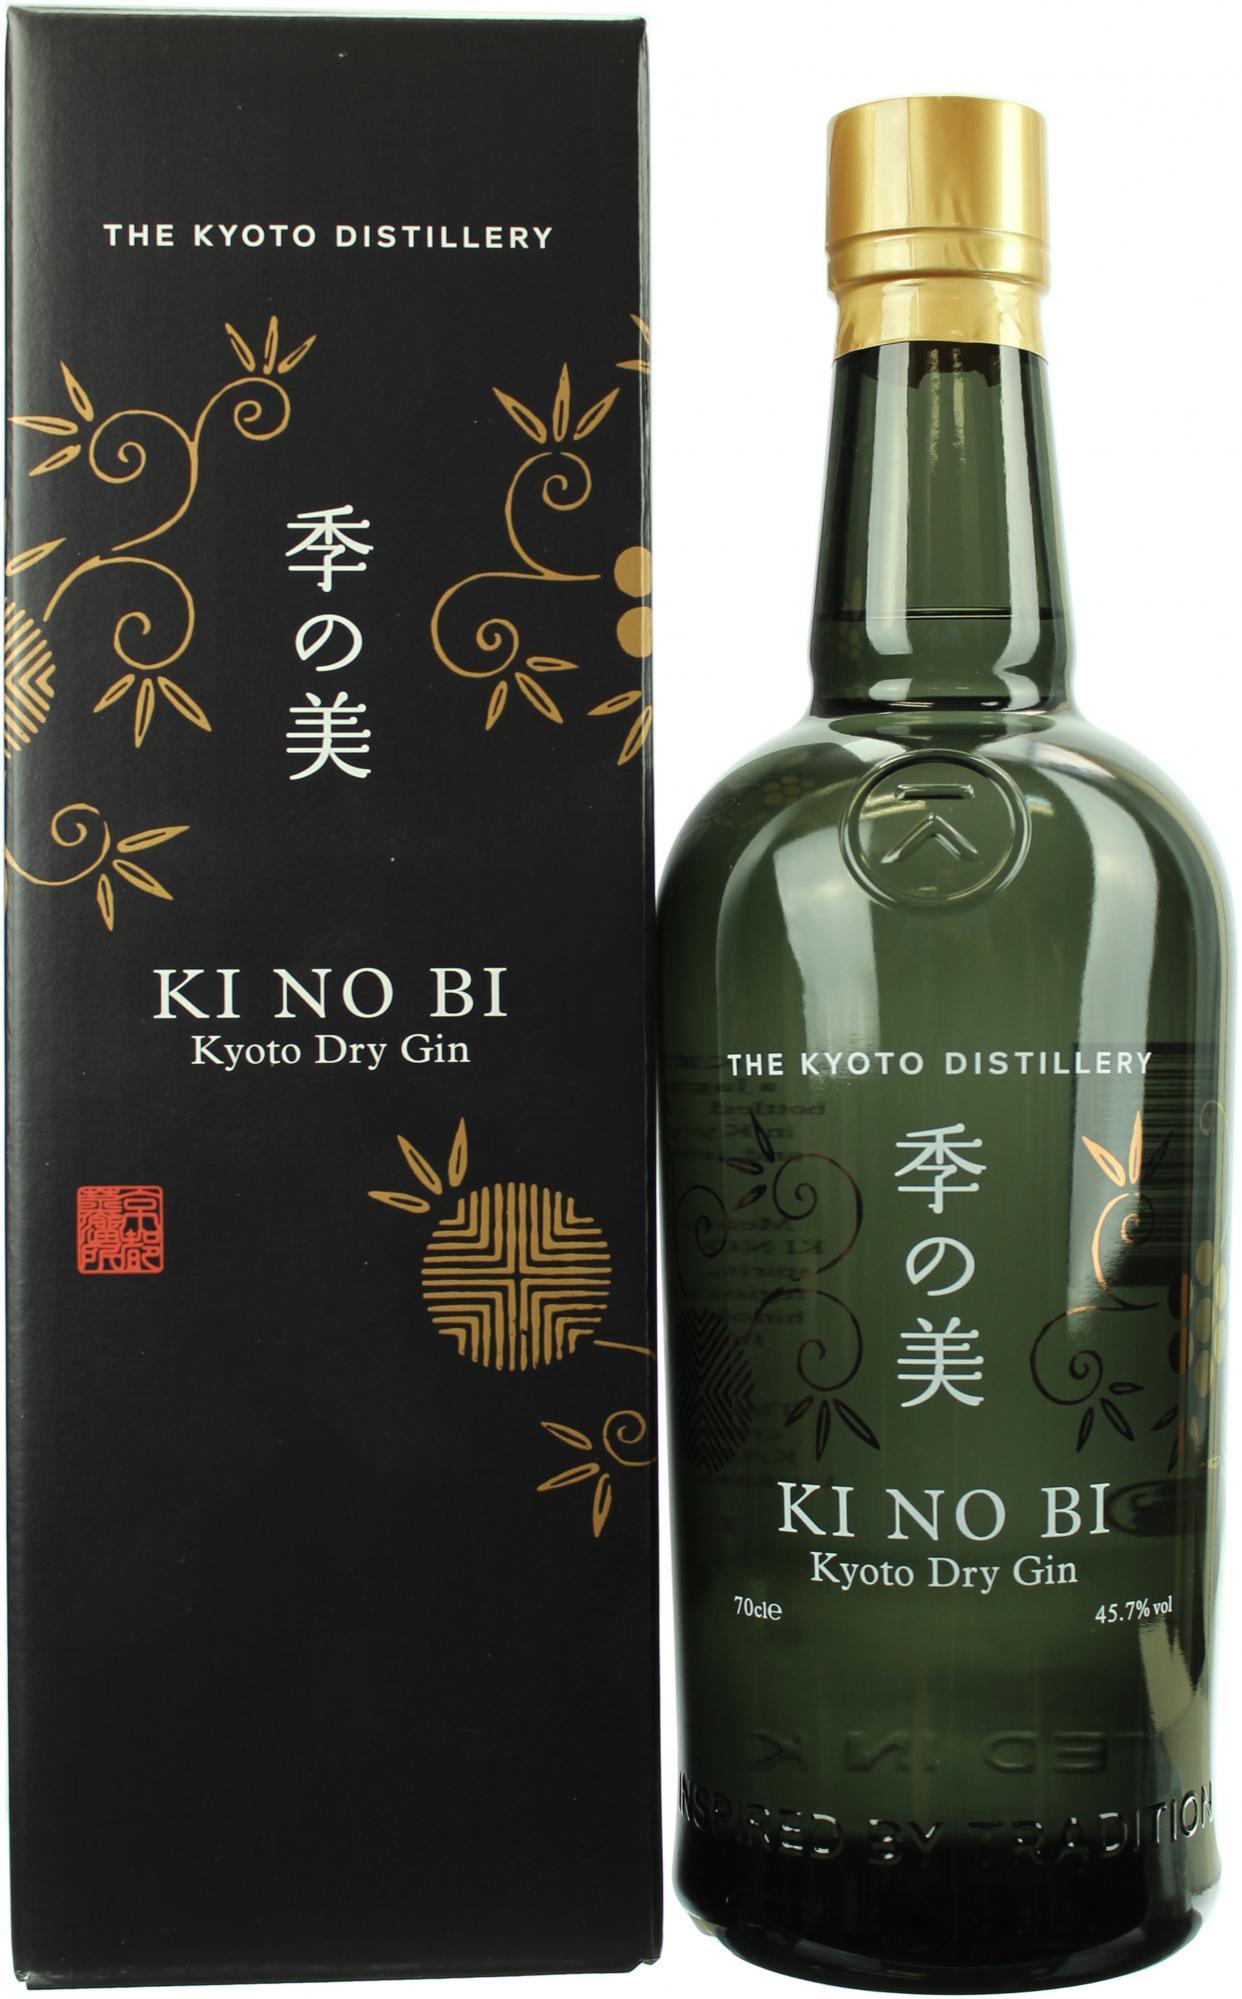 KI NO BI Kyoto Dry Gin 45,7% 70cl